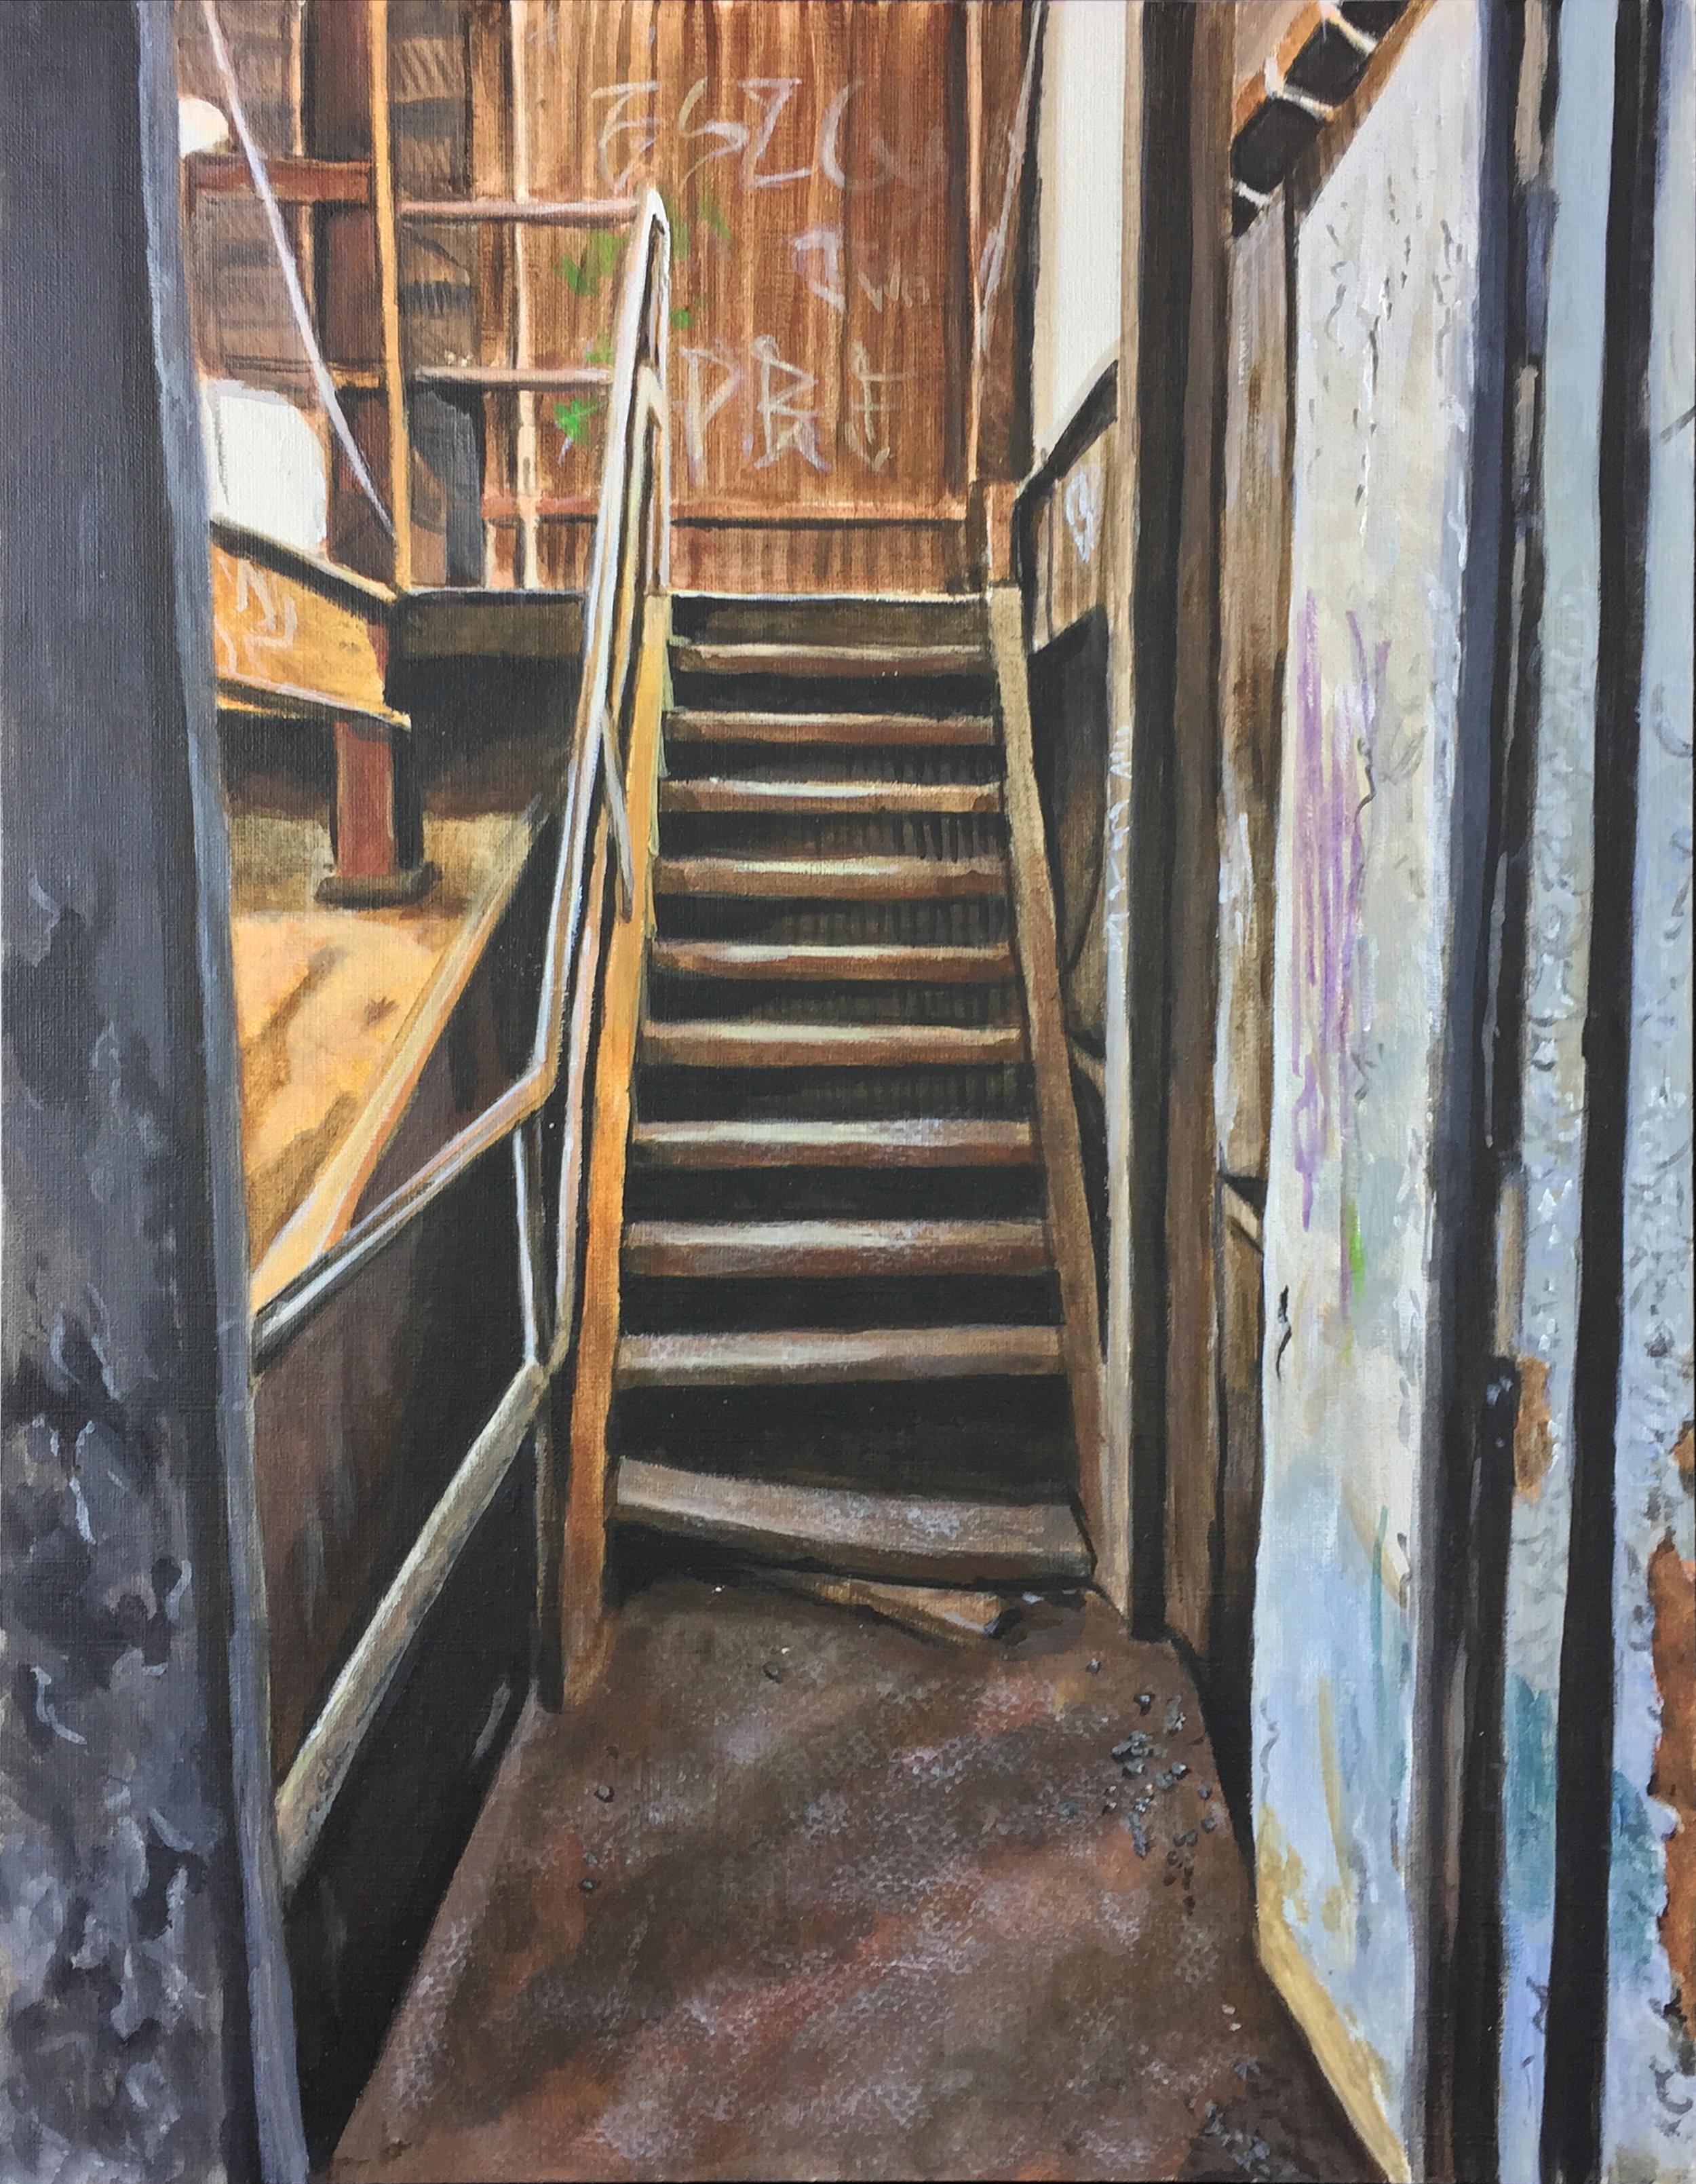 Rust - acrylic on canvas 11